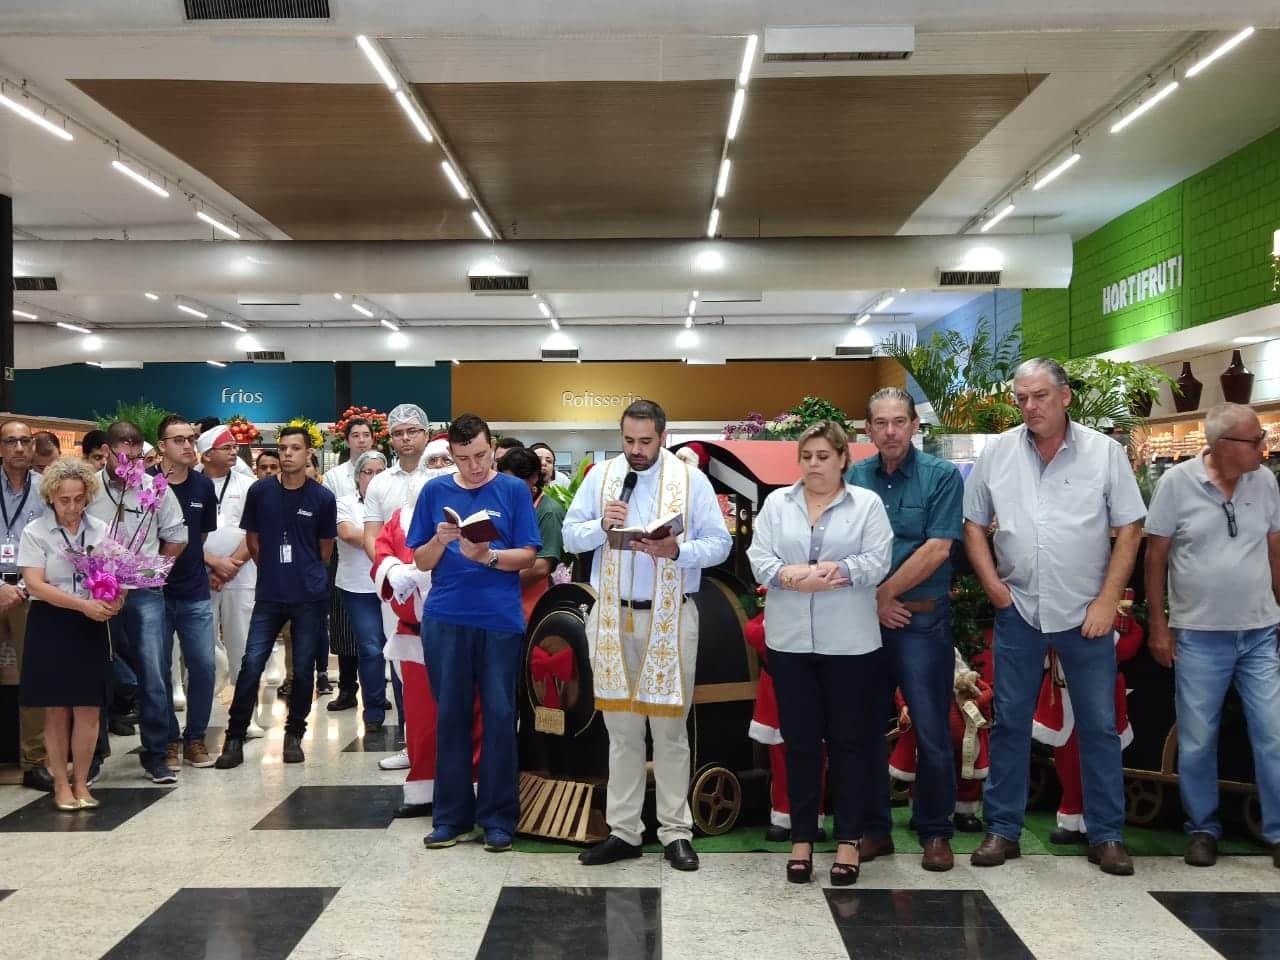 Durante a reinauguração foi celebrada uma benção com o Padre Juninho (Foto: Paty Ribeiro/AssisNews)